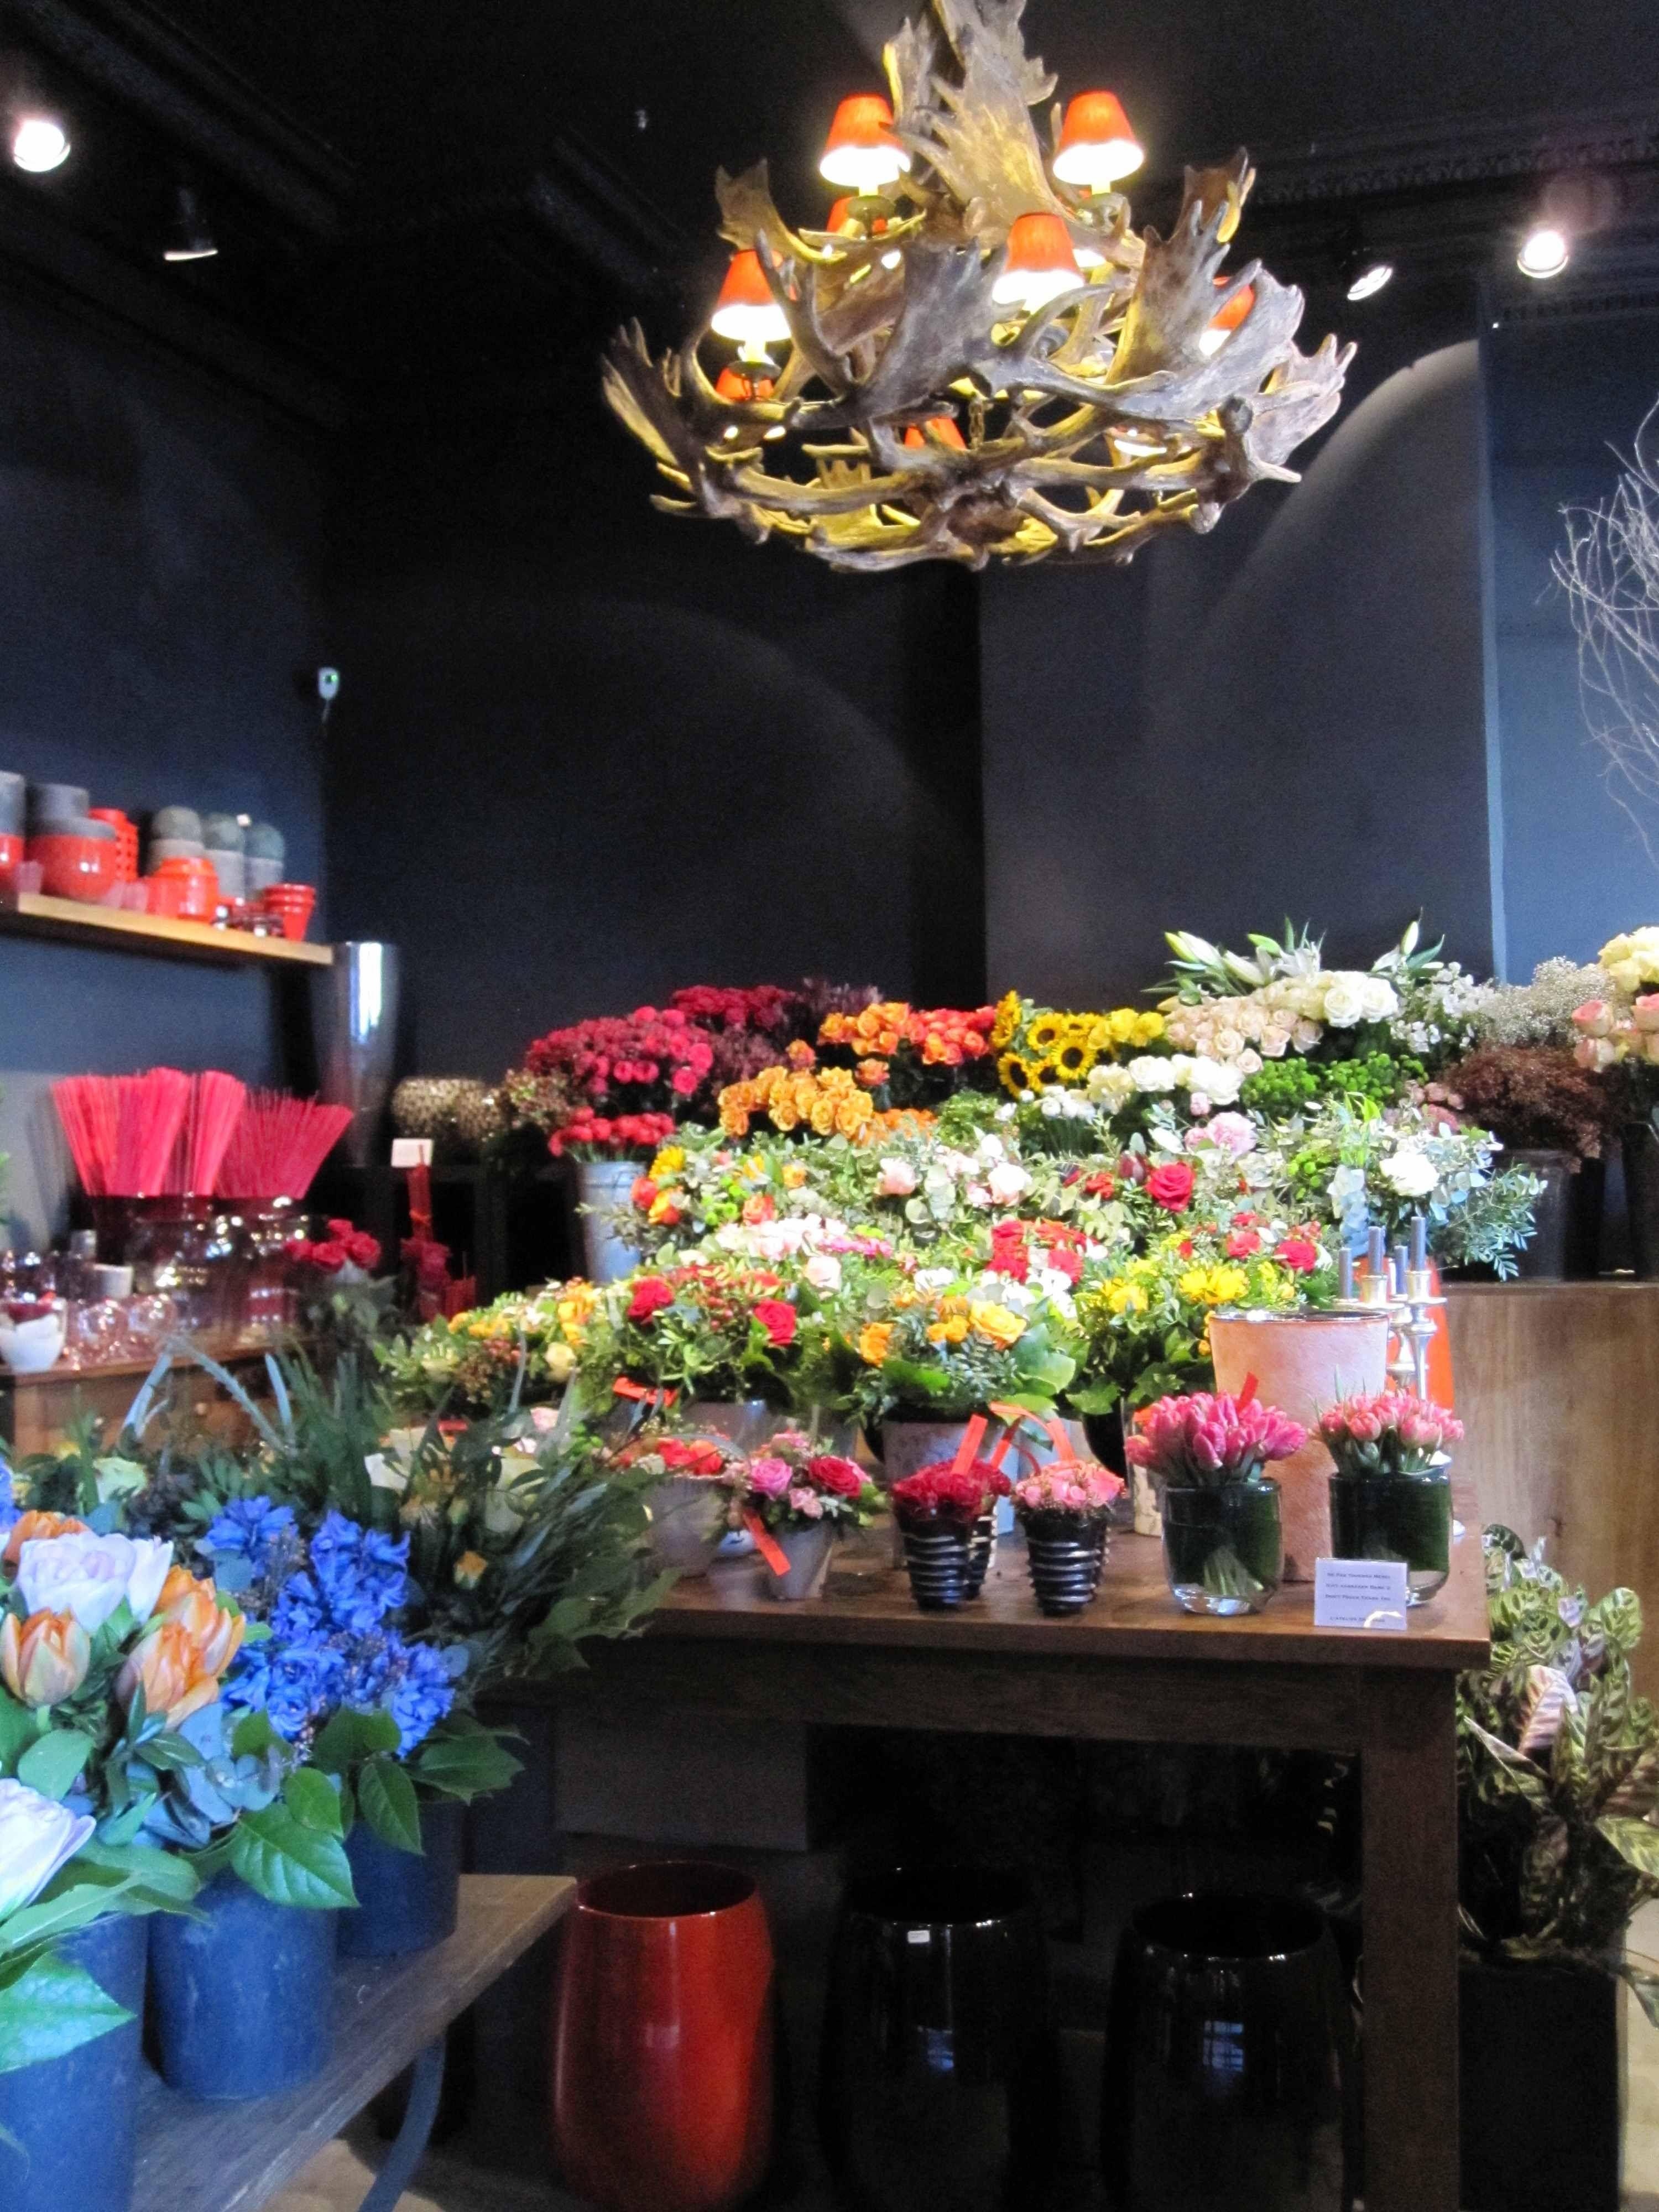 Flamant interiors florist place du grand sablon brussels flower flamant interiors florist place du grand sablon brussels izmirmasajfo